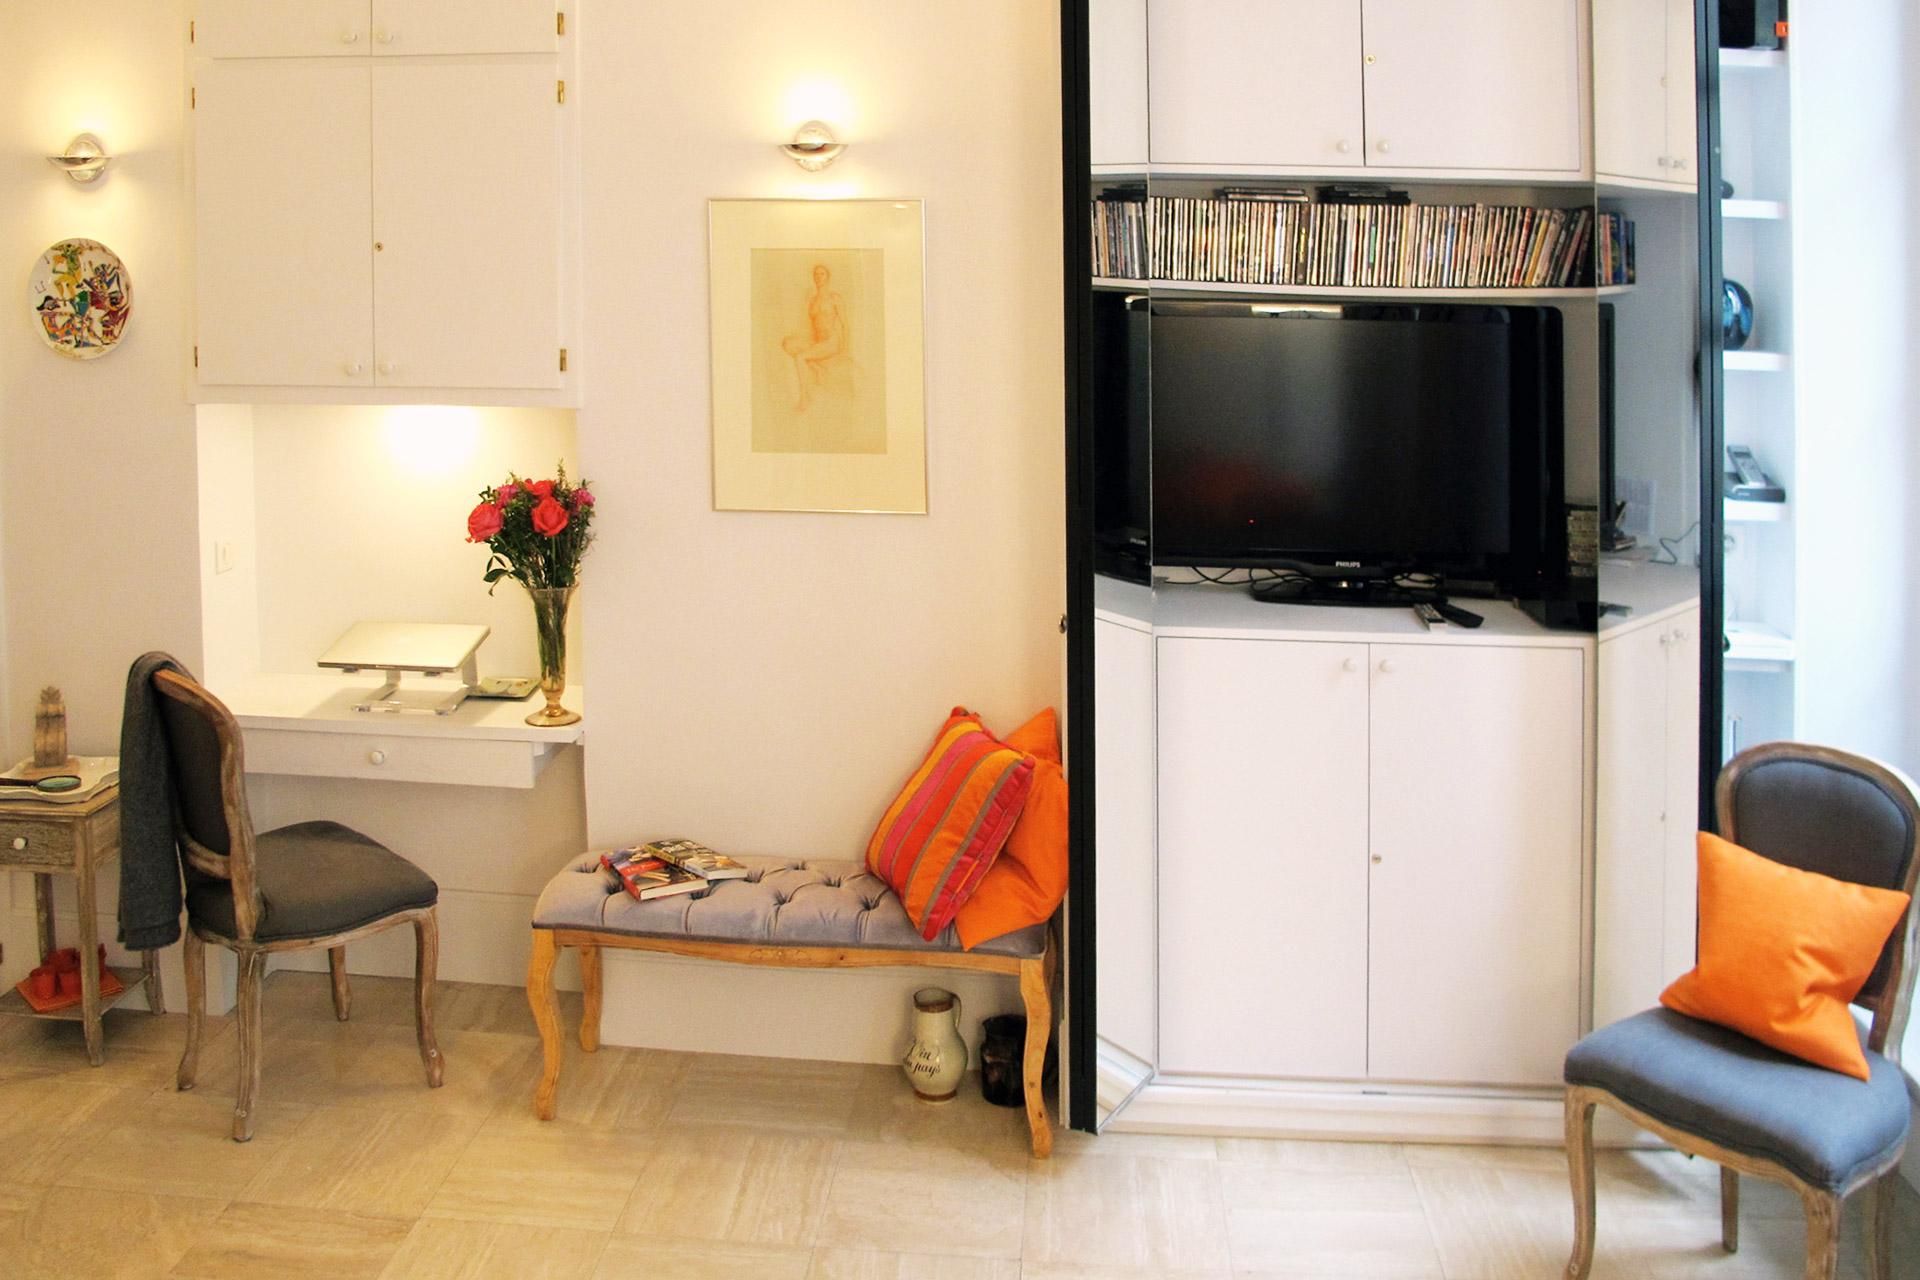 table table de jardin bhv meilleures id es pour la conception et l 39 ameublement du jardin. Black Bedroom Furniture Sets. Home Design Ideas